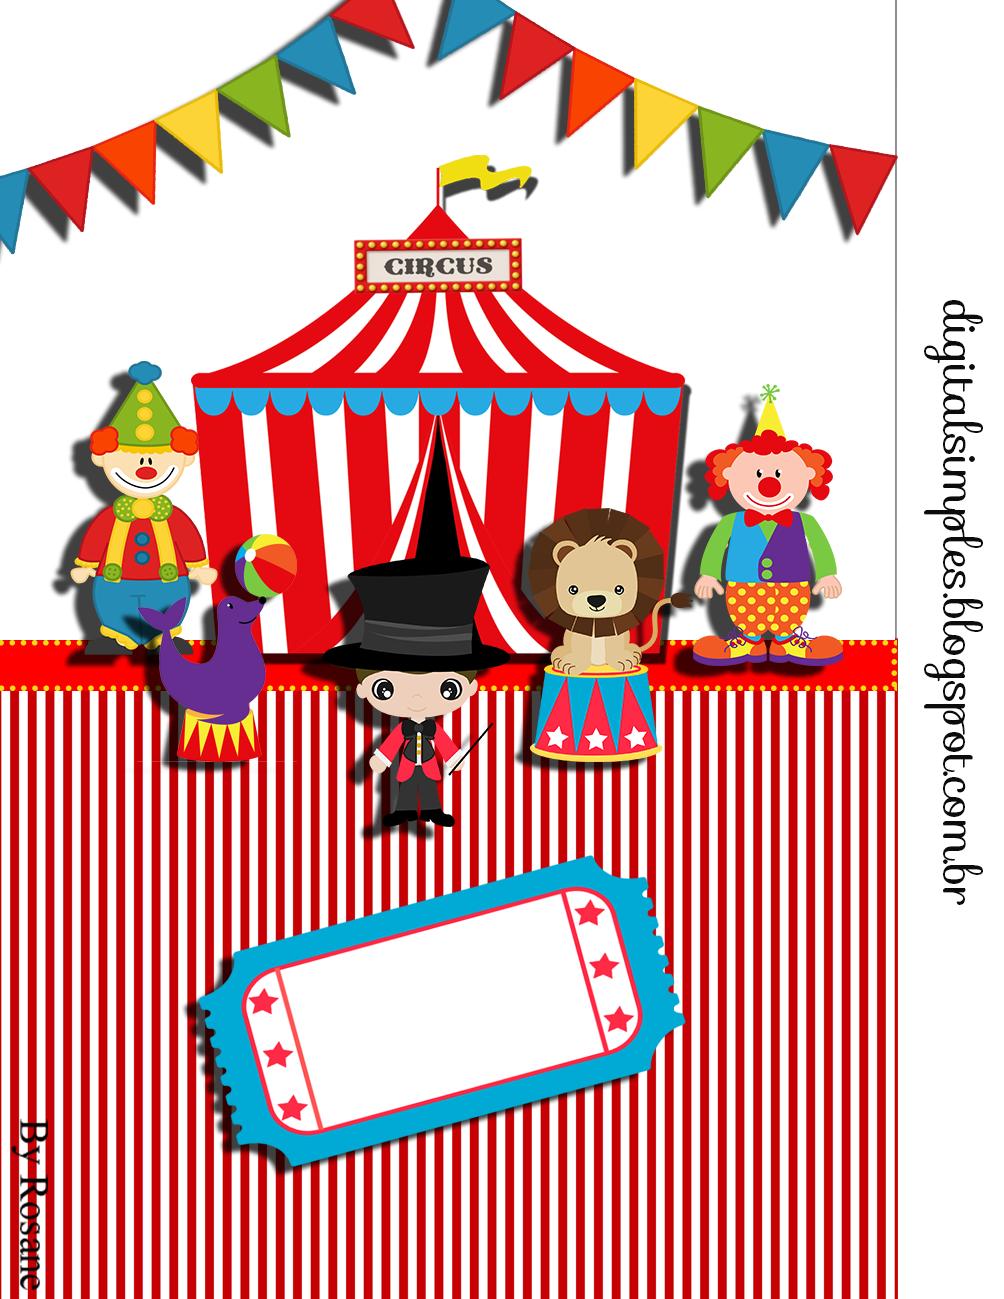 Kit De Personalizados Tema Circo Para Imprimir Com Imagens